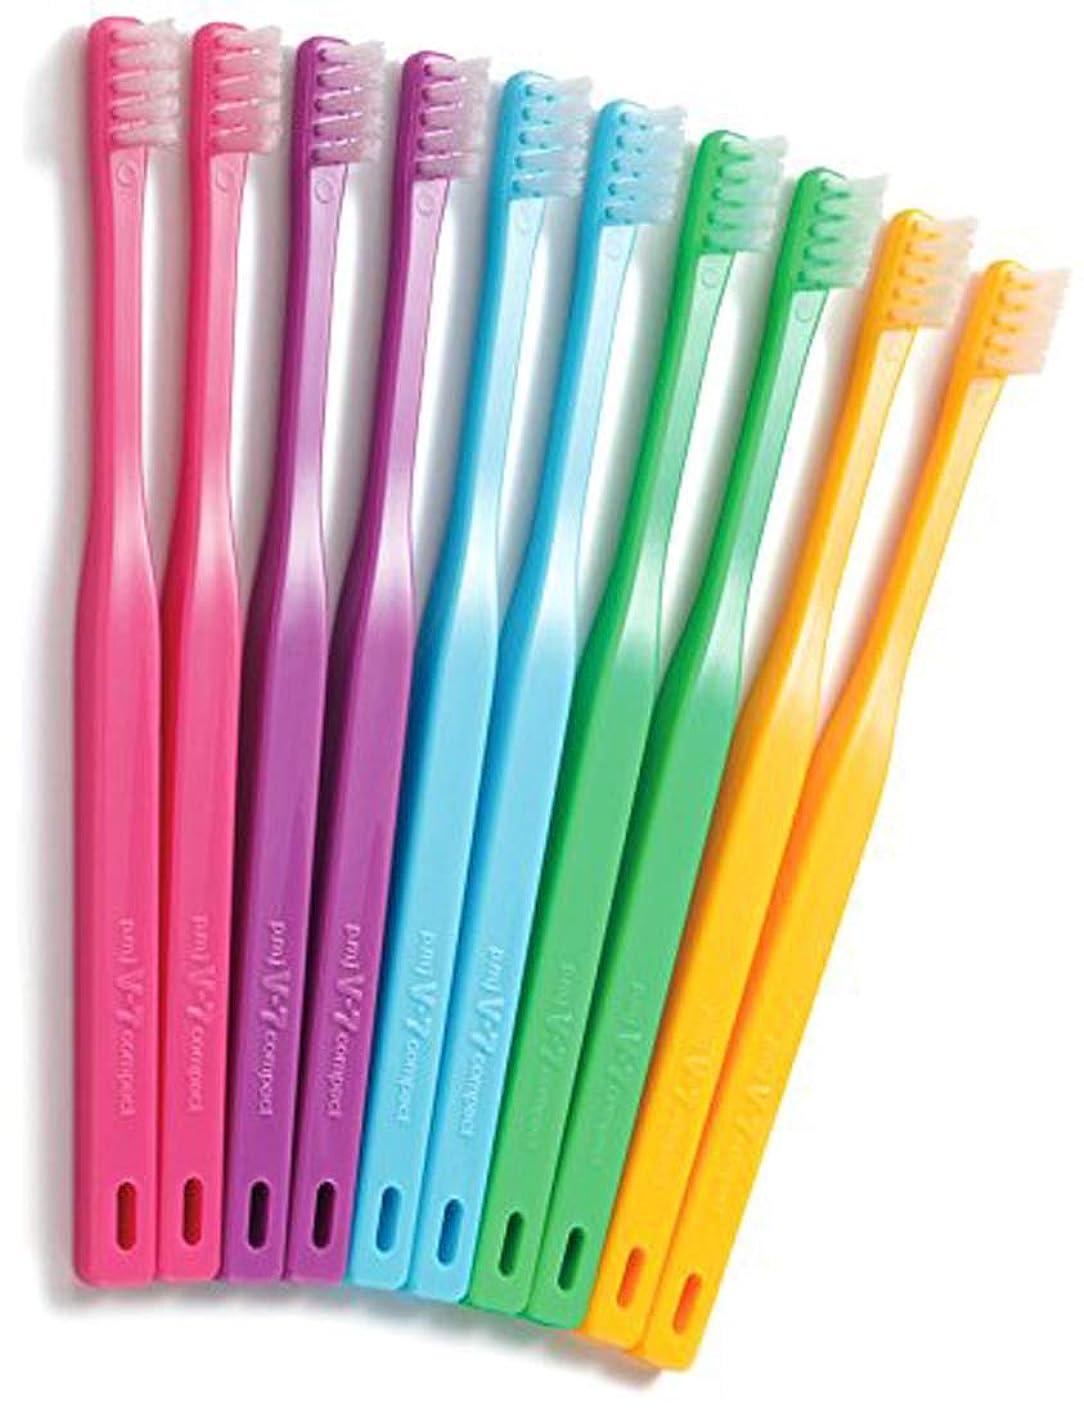 鎮静剤検出するストライドつまようじ法歯ブラシ V-7 コンパクトヘッド ビビッドカラー 5本